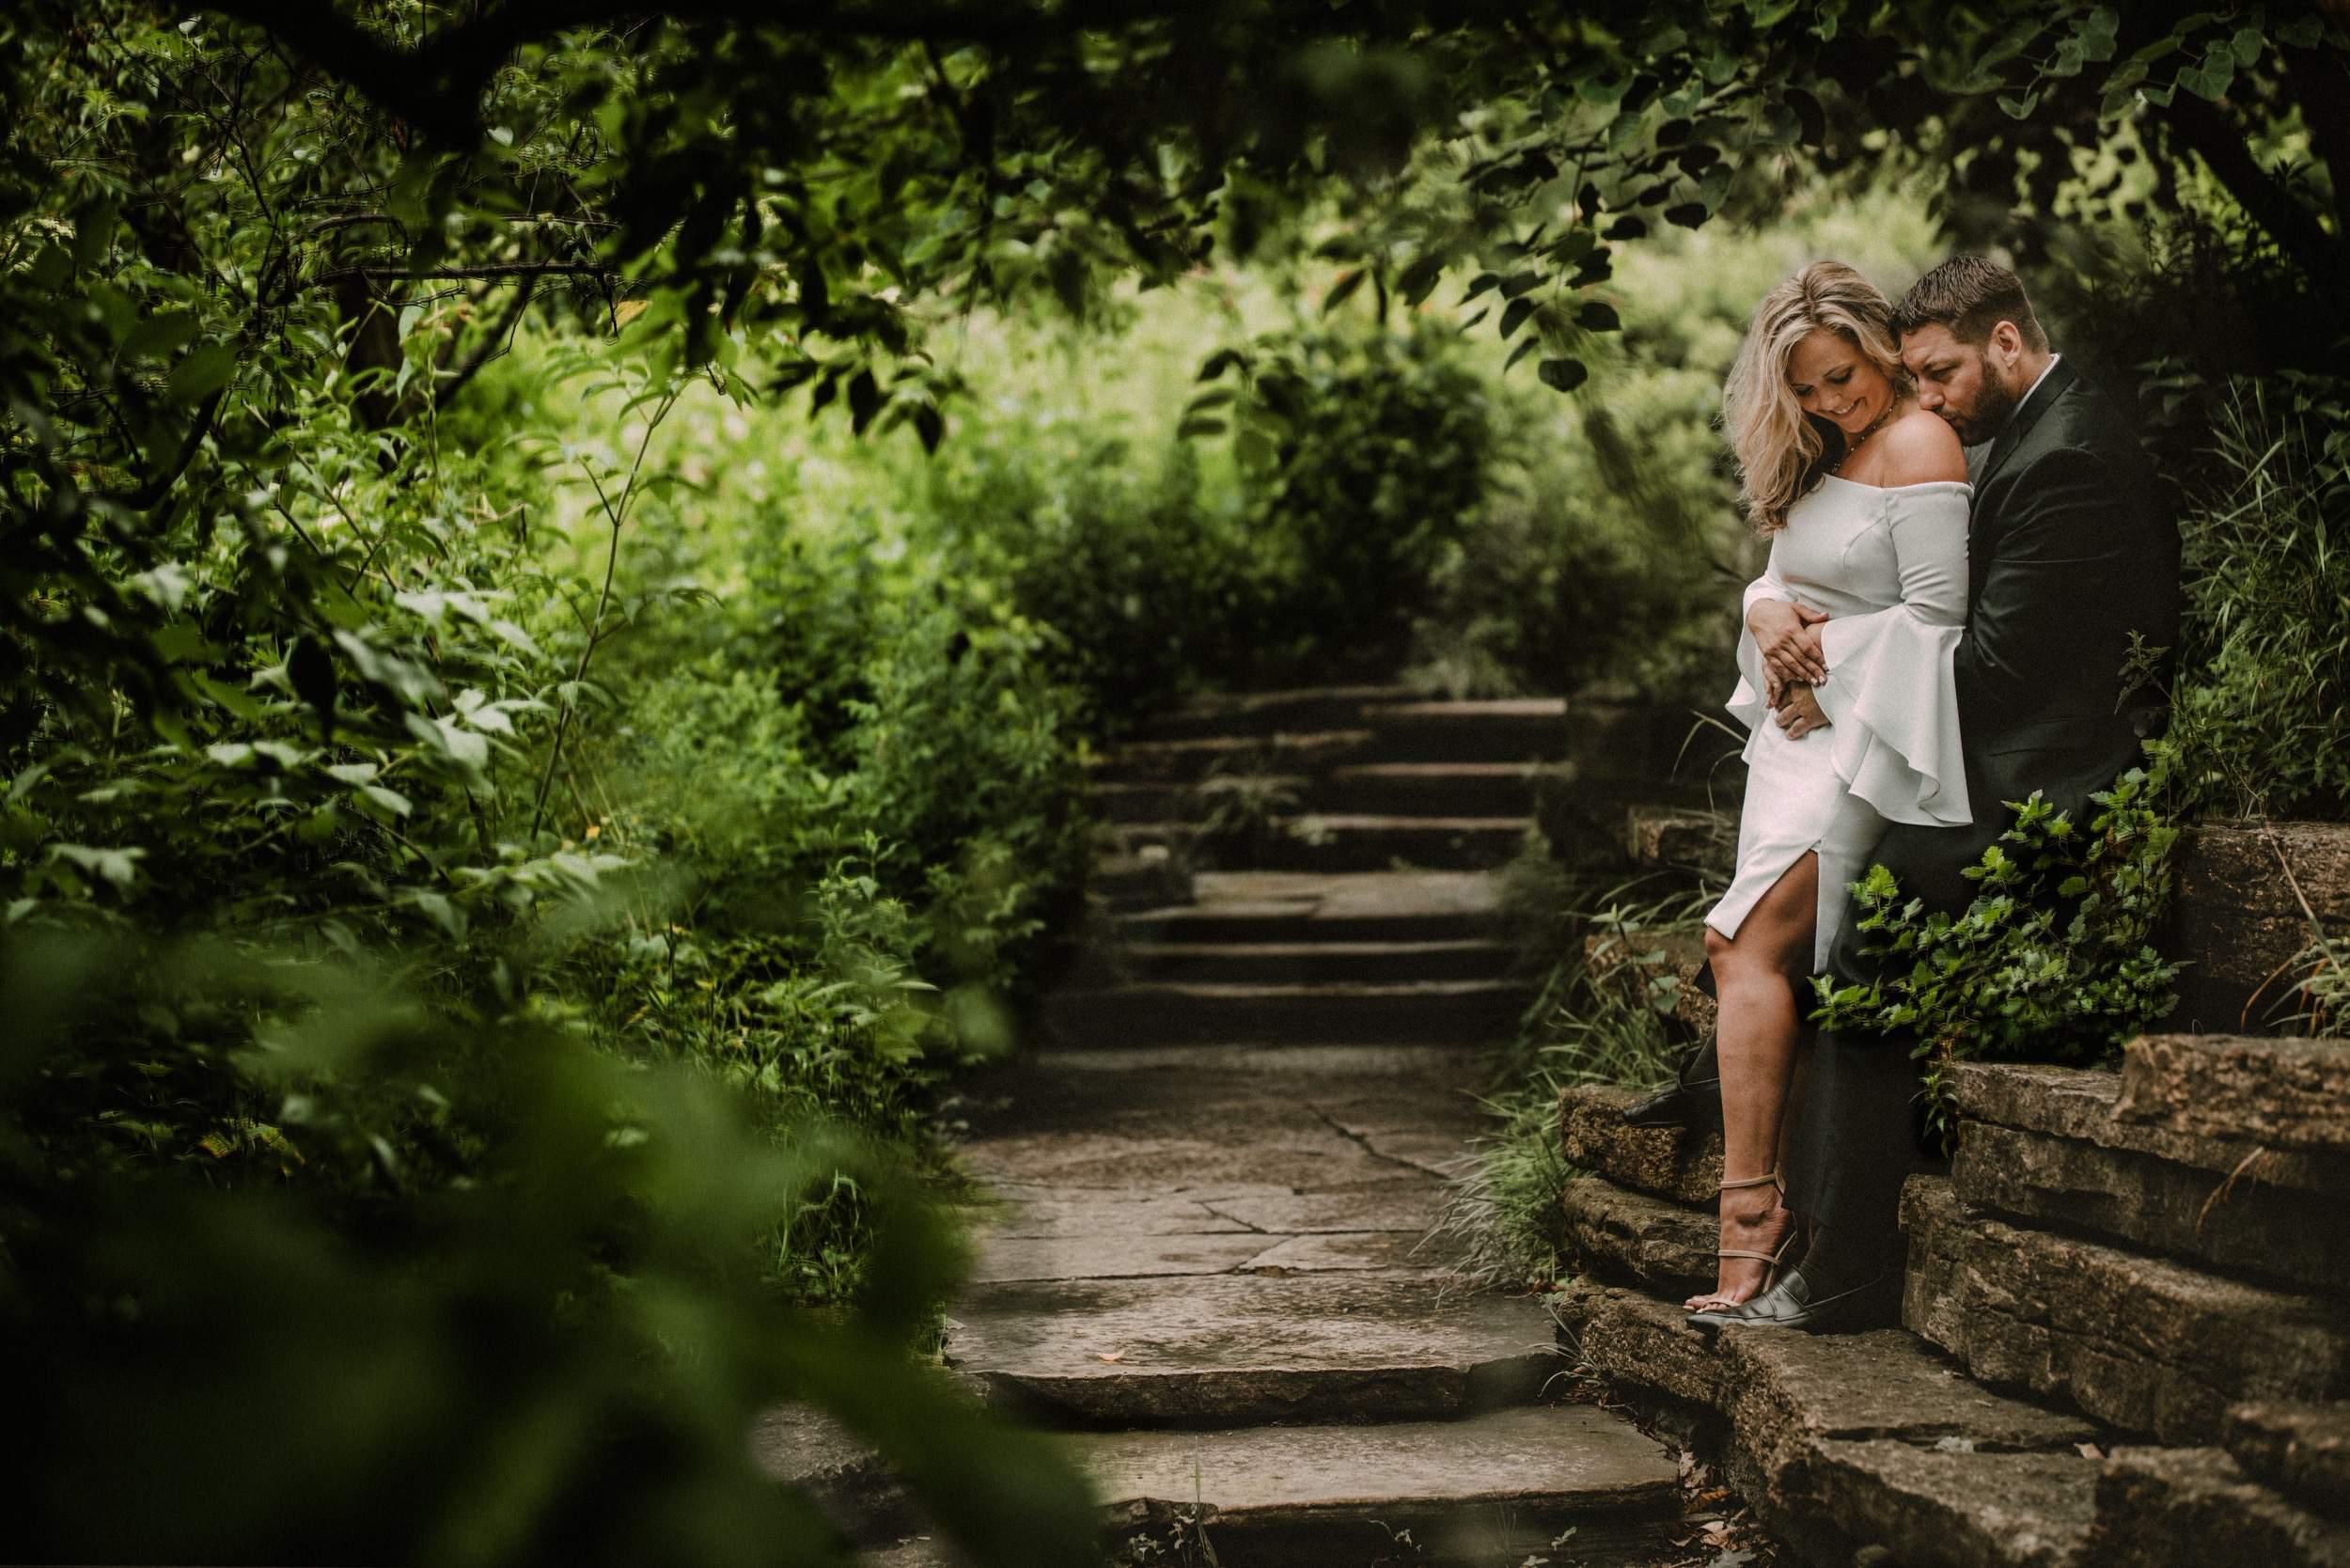 LeCapeWeddings_Chicago Engagement Photography (7 of 7).jpg